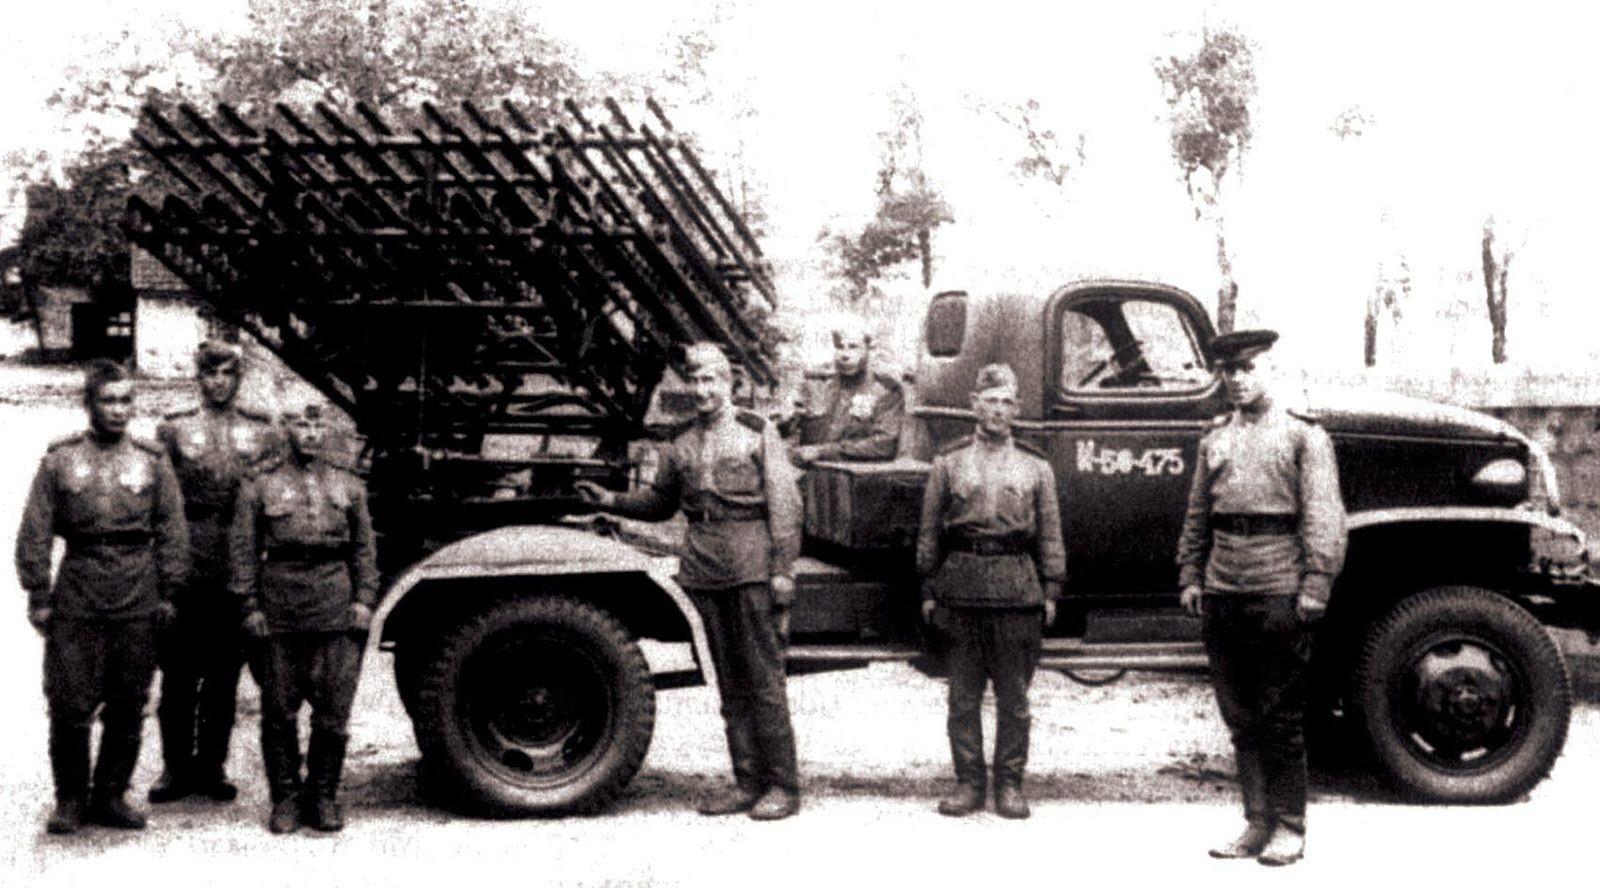 Неизвестный ленд-лиз: Chevrolet G4100, GMC CCKW и International М-5-6 в Красной армии